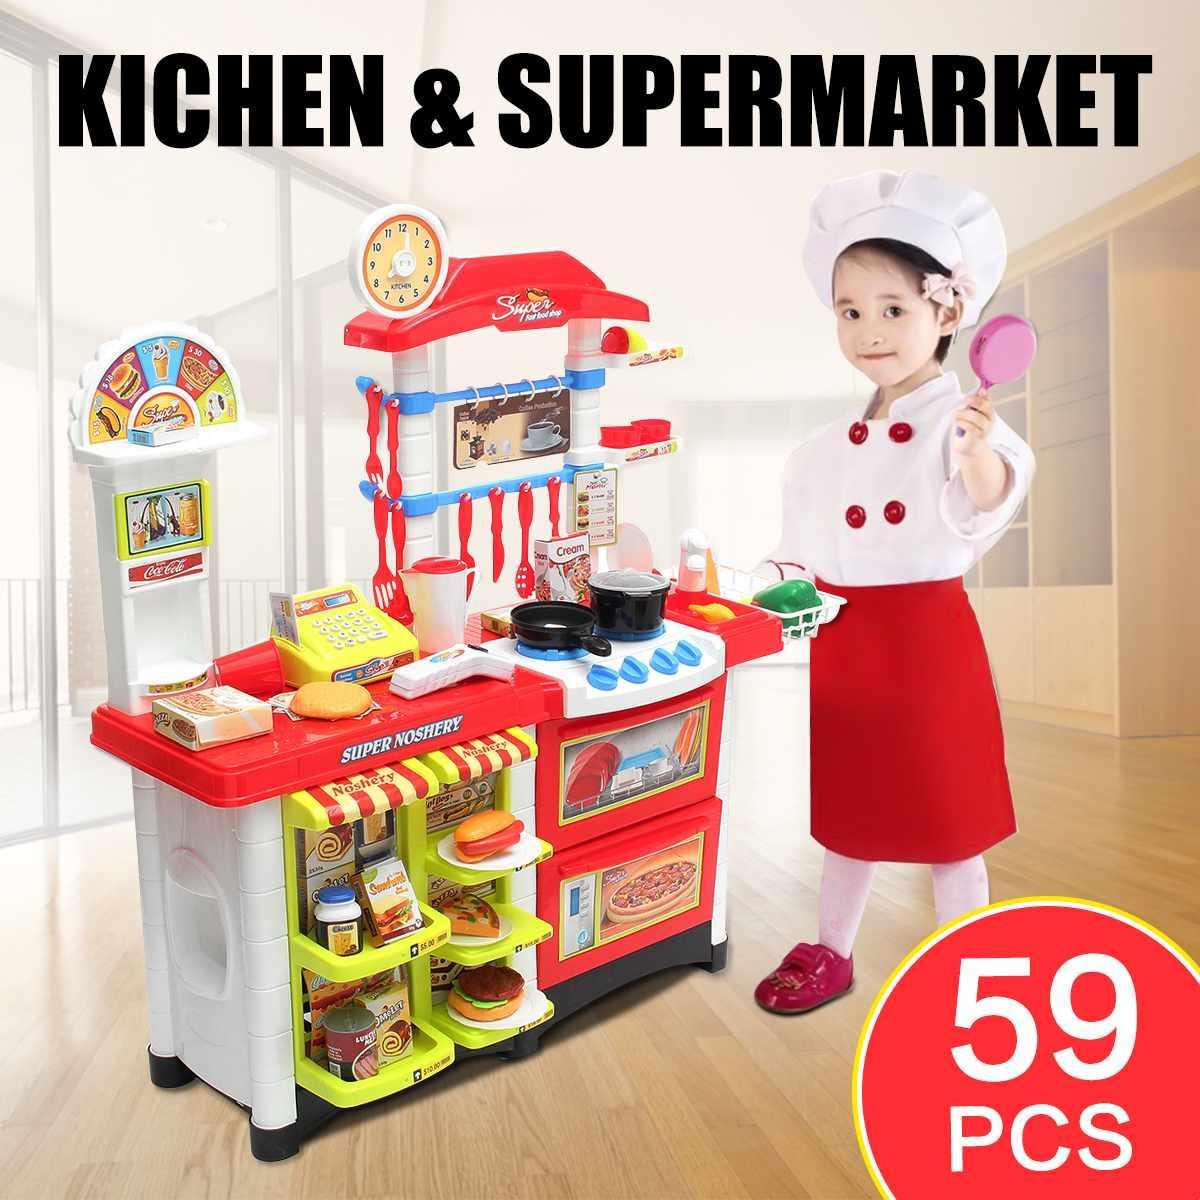 Venta al por mayor Miniatura de cocina de plástico Juego de imaginación Supermercado de alimentos Juguetes para niños con música ligera Cocina Cocina Juego de juguetes